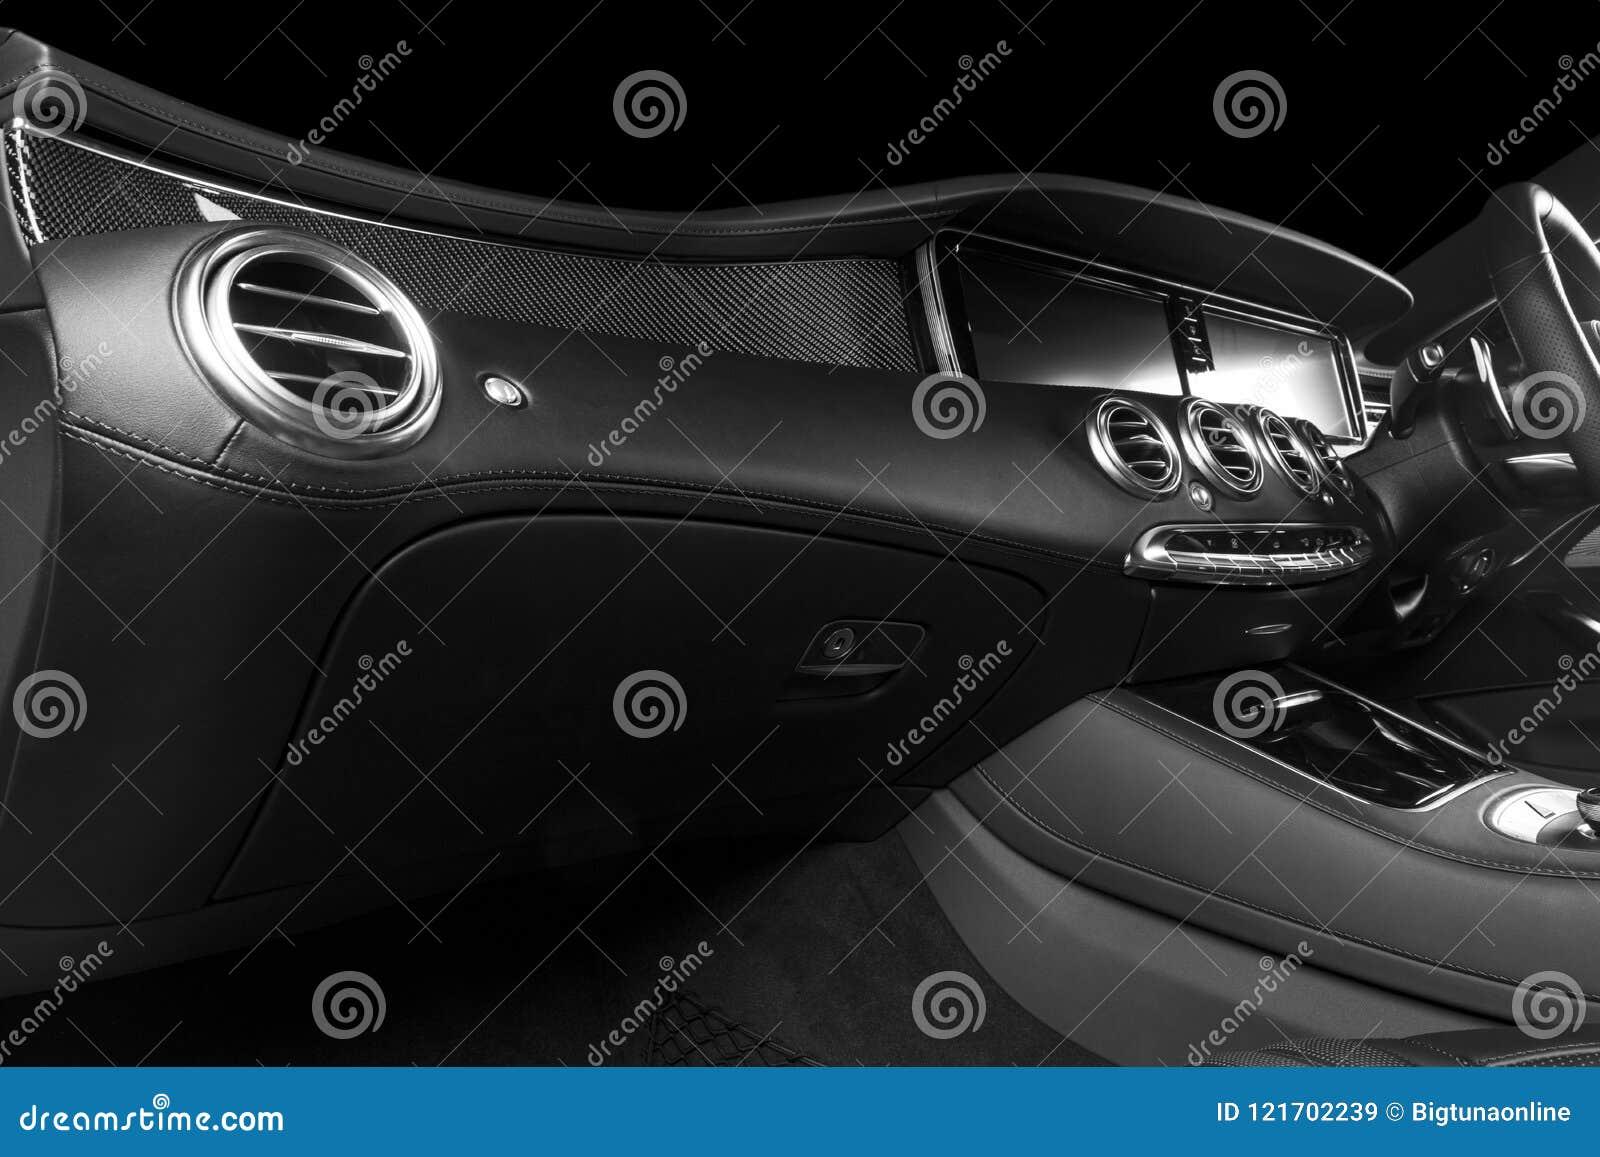 Modernes Luxusauto nach innen Innenraum eines modernen Autos Bequeme Ledersitze Perforiertes ledernes Cockpit Lenkrad und Schlag